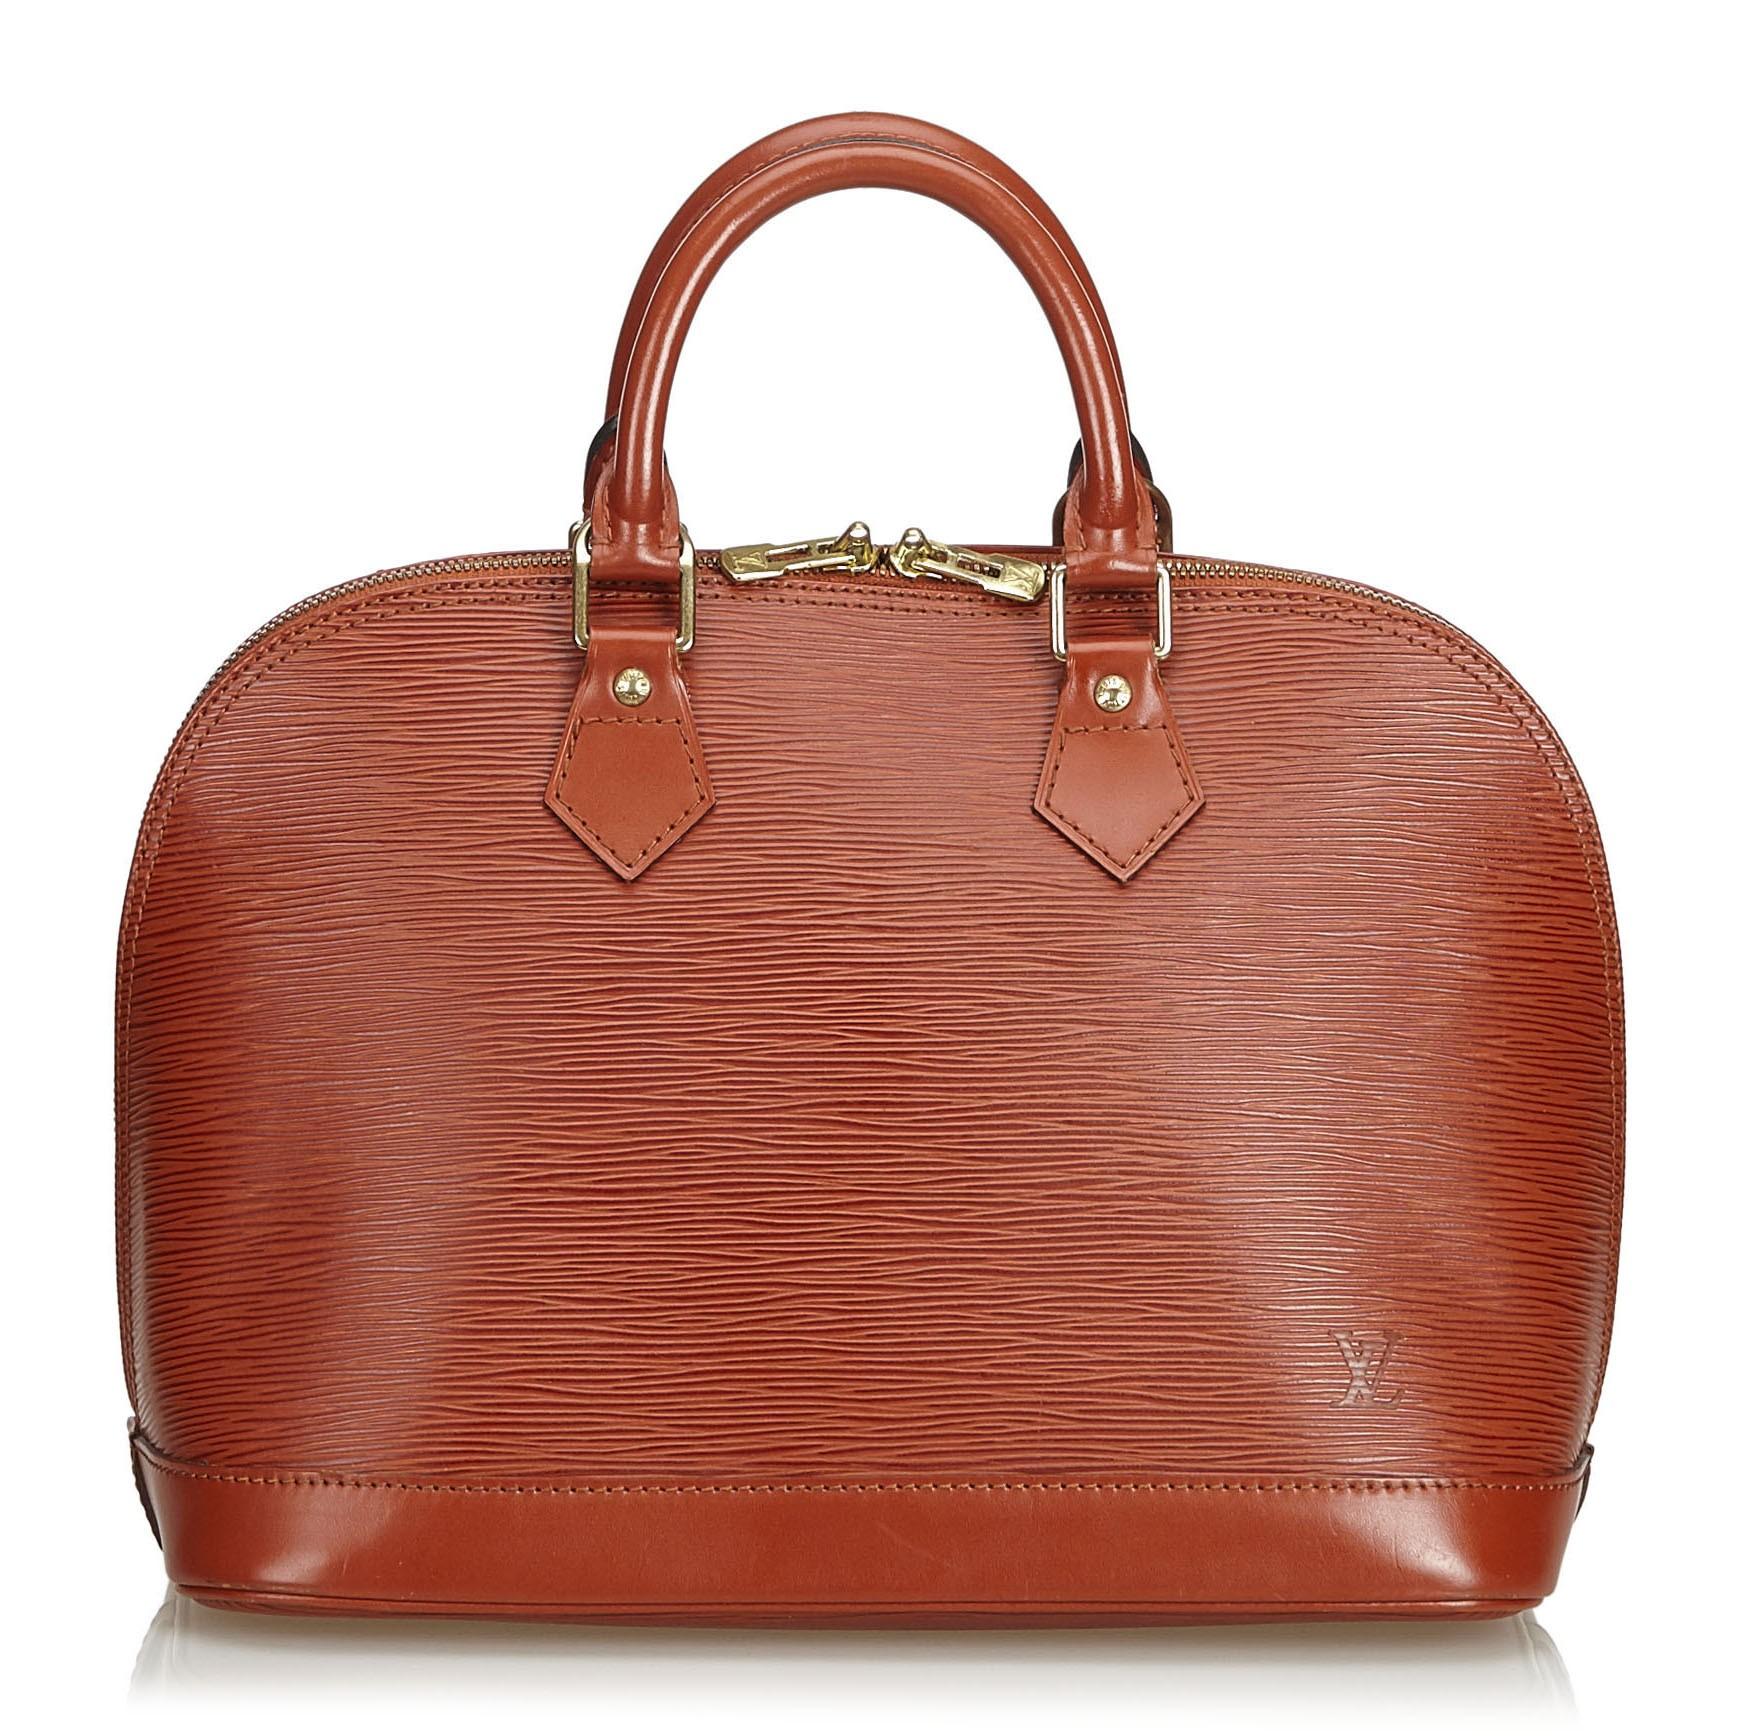 7d3c8271c80 Louis Vuitton Vintage - Epi Alma PM Bag - Brown - Leather and Epi ...